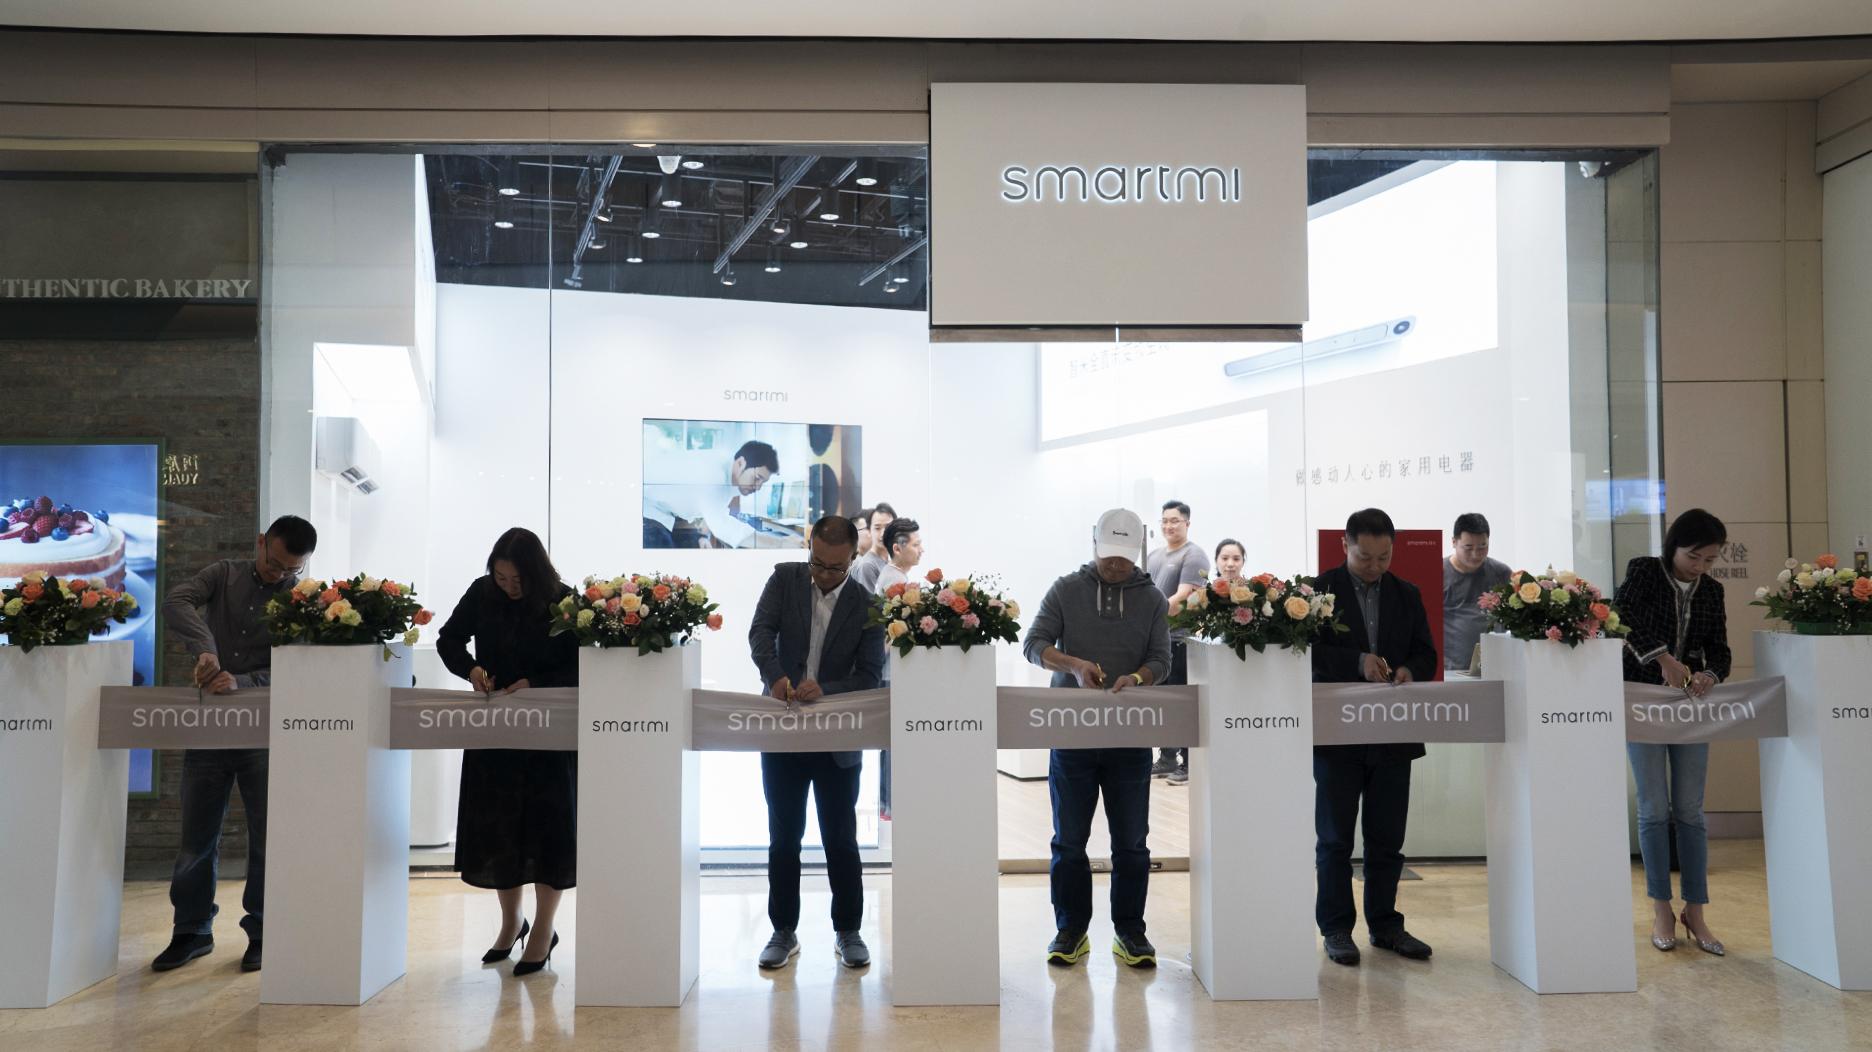 智米首家体验店落户北京:线上线下同价